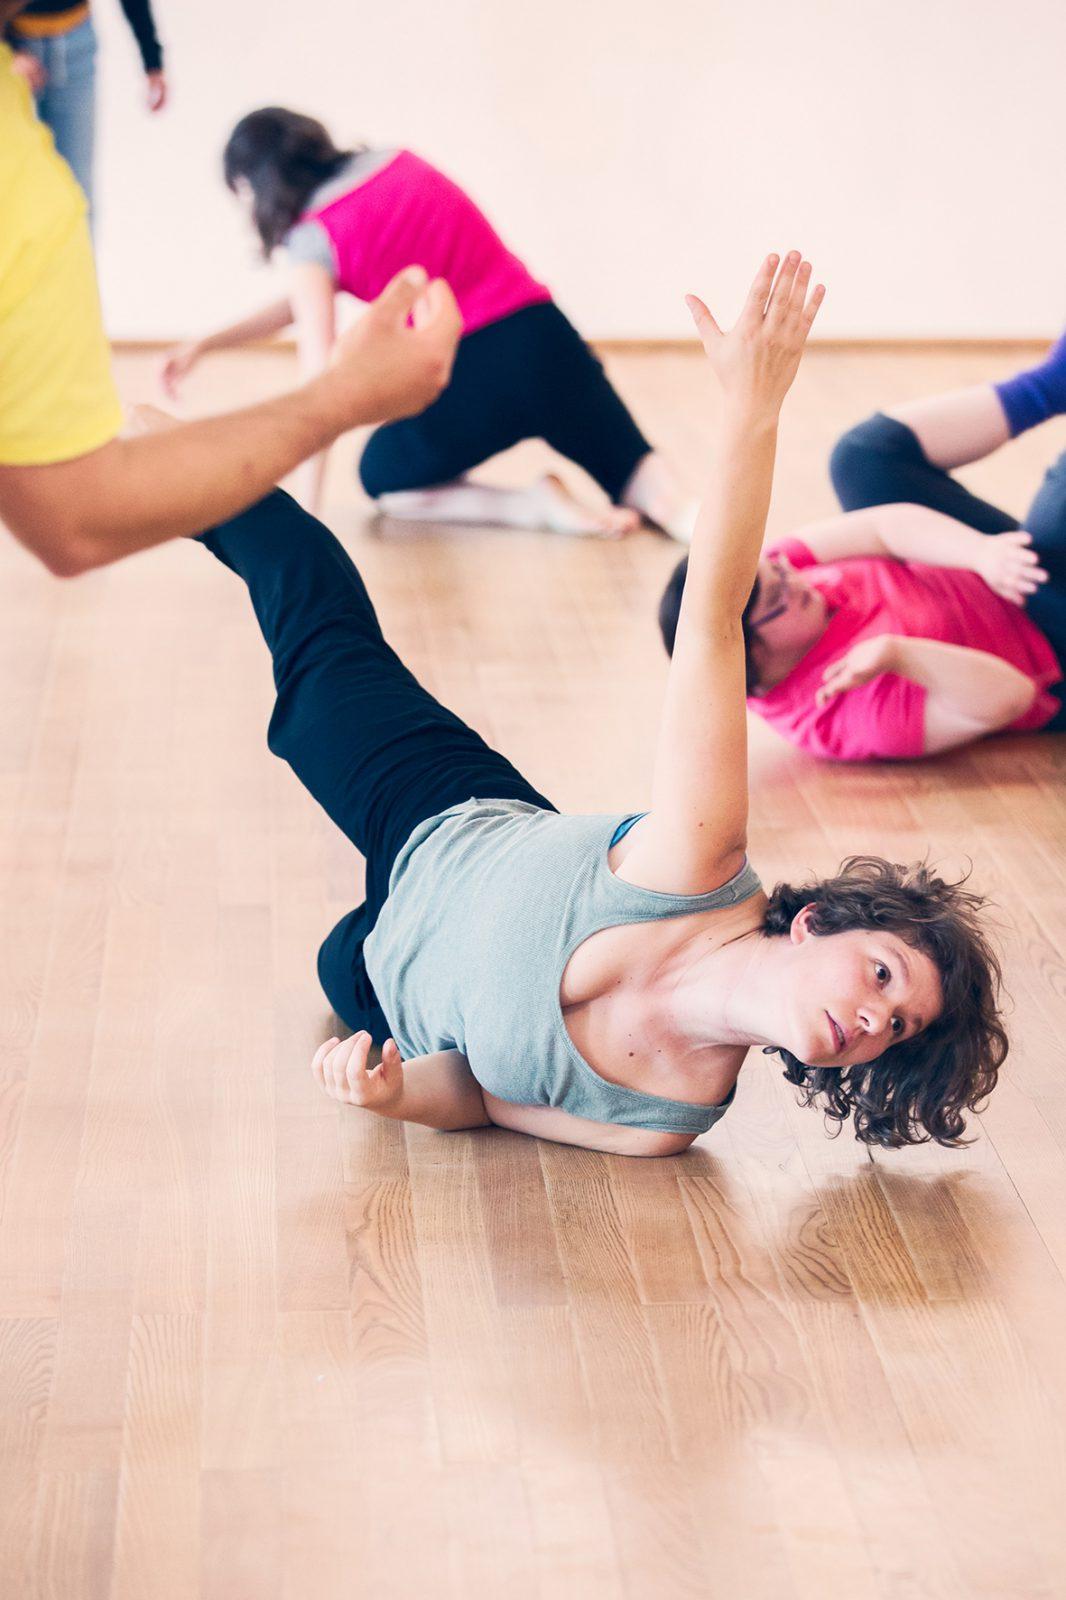 drei Tänzerinnen liegen am Boden